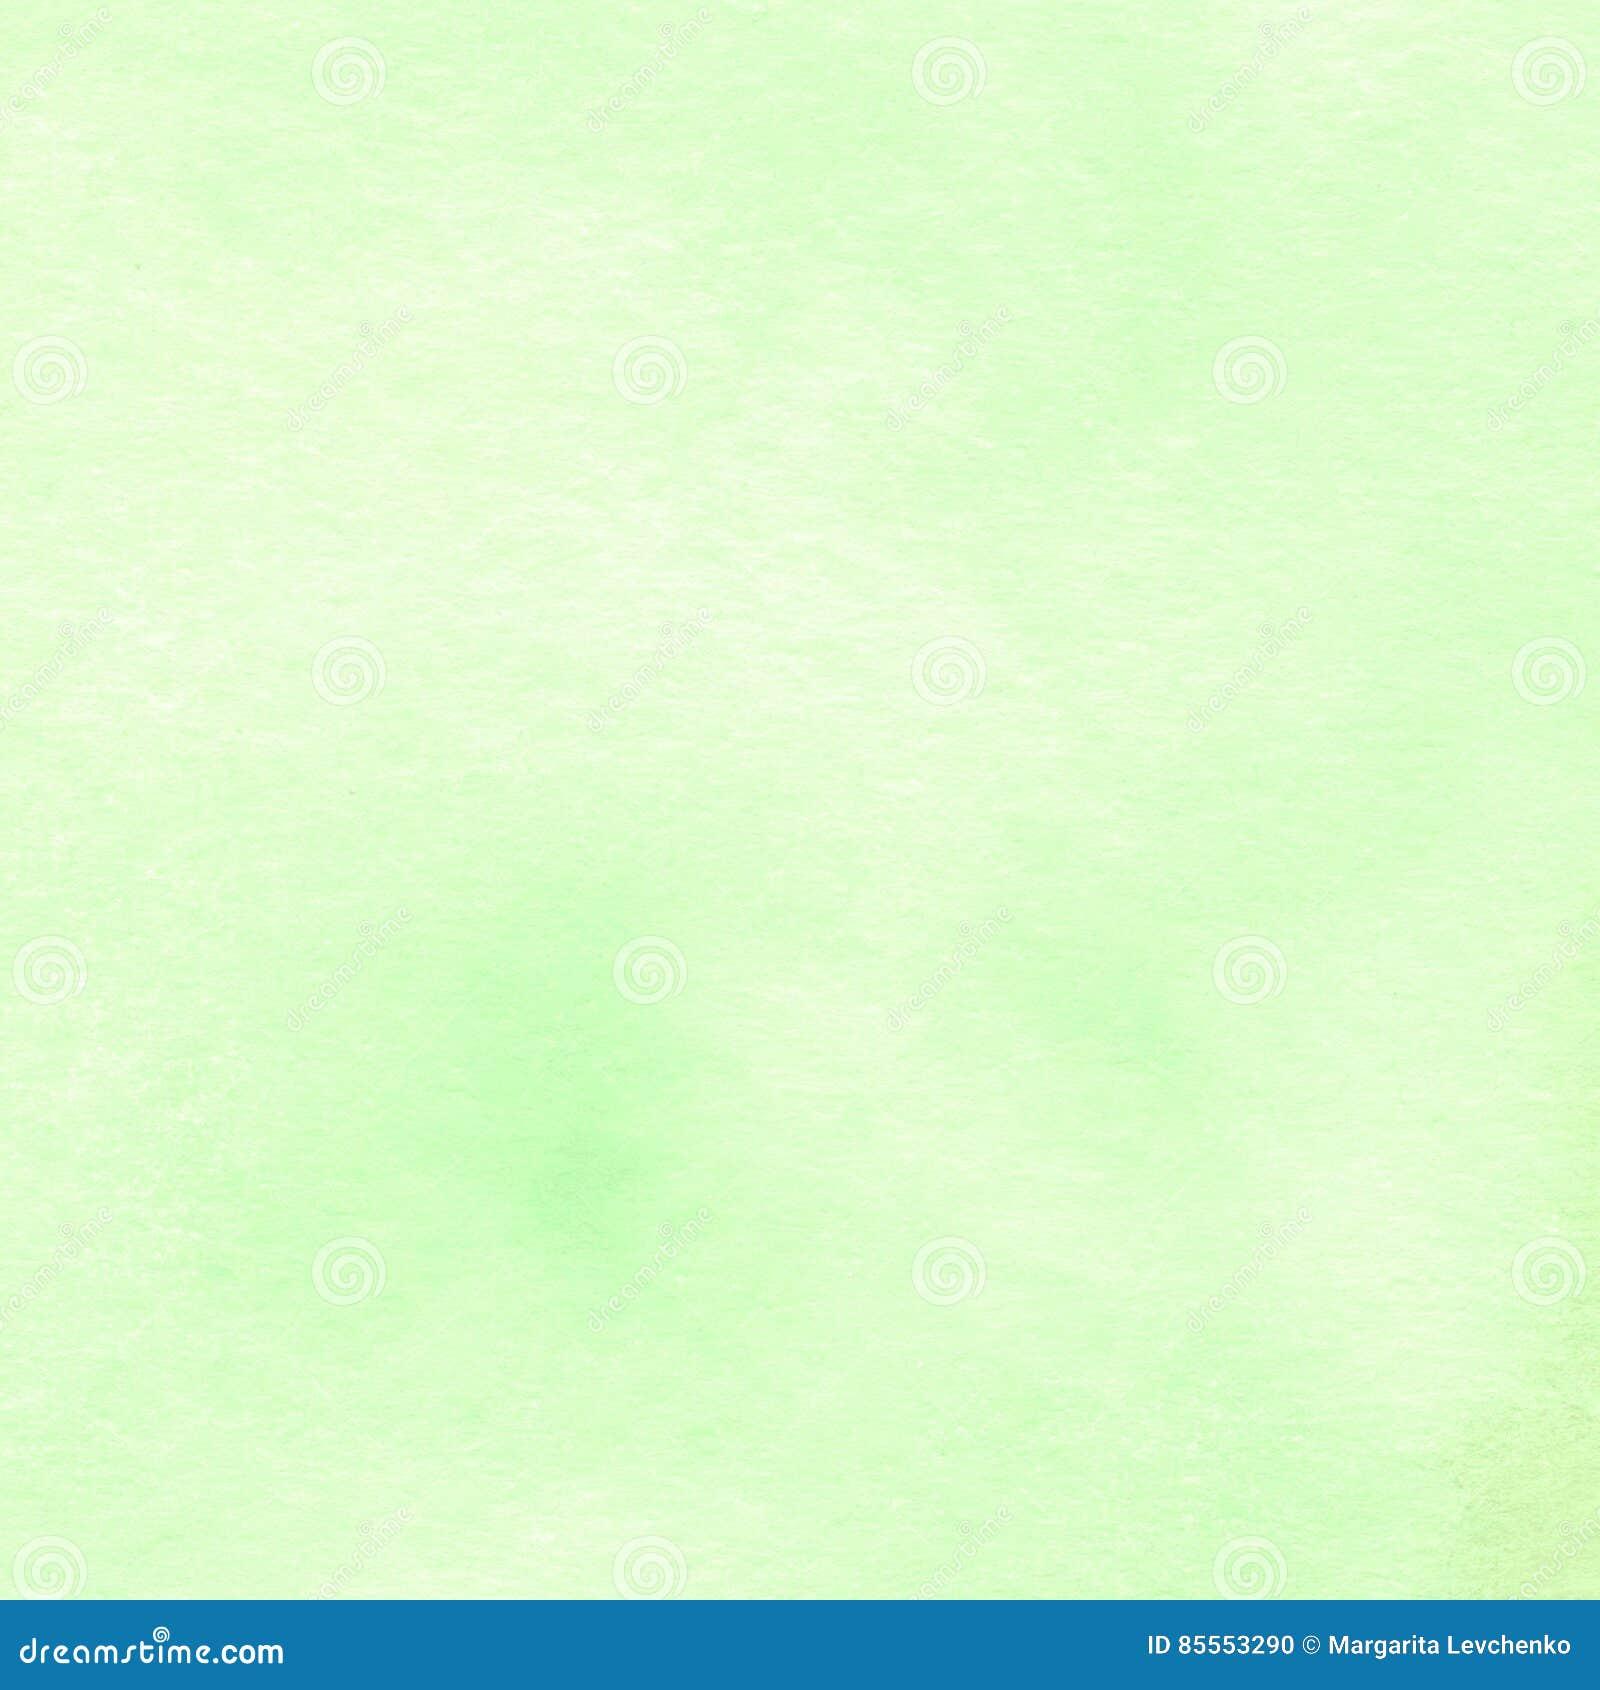 Transparente helle Minze der Aquarellbeschaffenheit, Blau, Grün, Grün schattiert Stellen